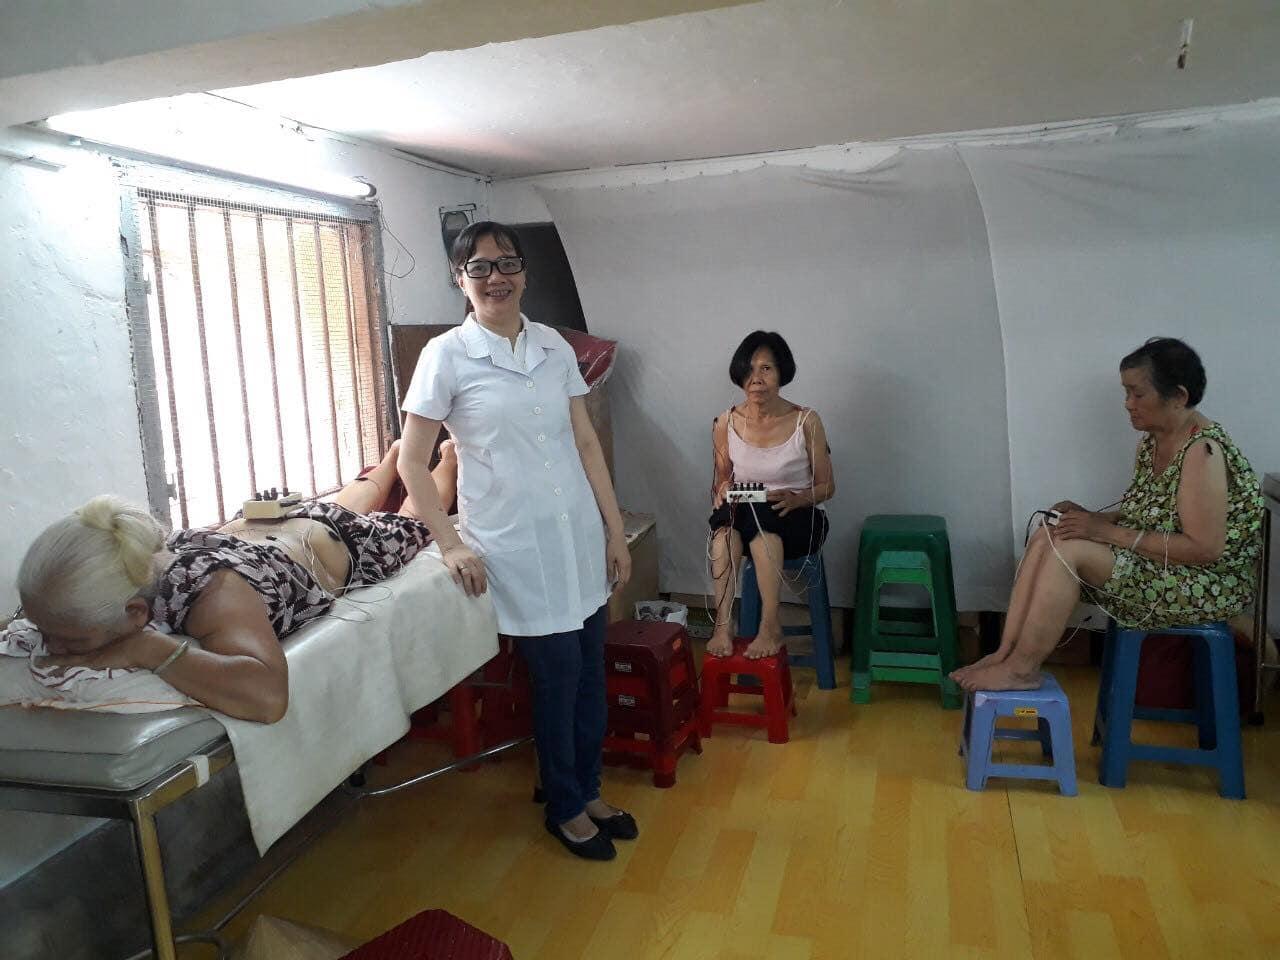 Bác sĩ Nguyễn Khương Thụy tham gia khám chữa bệnh từ thiện cho bệnh nhân tại Đông y Quận 5